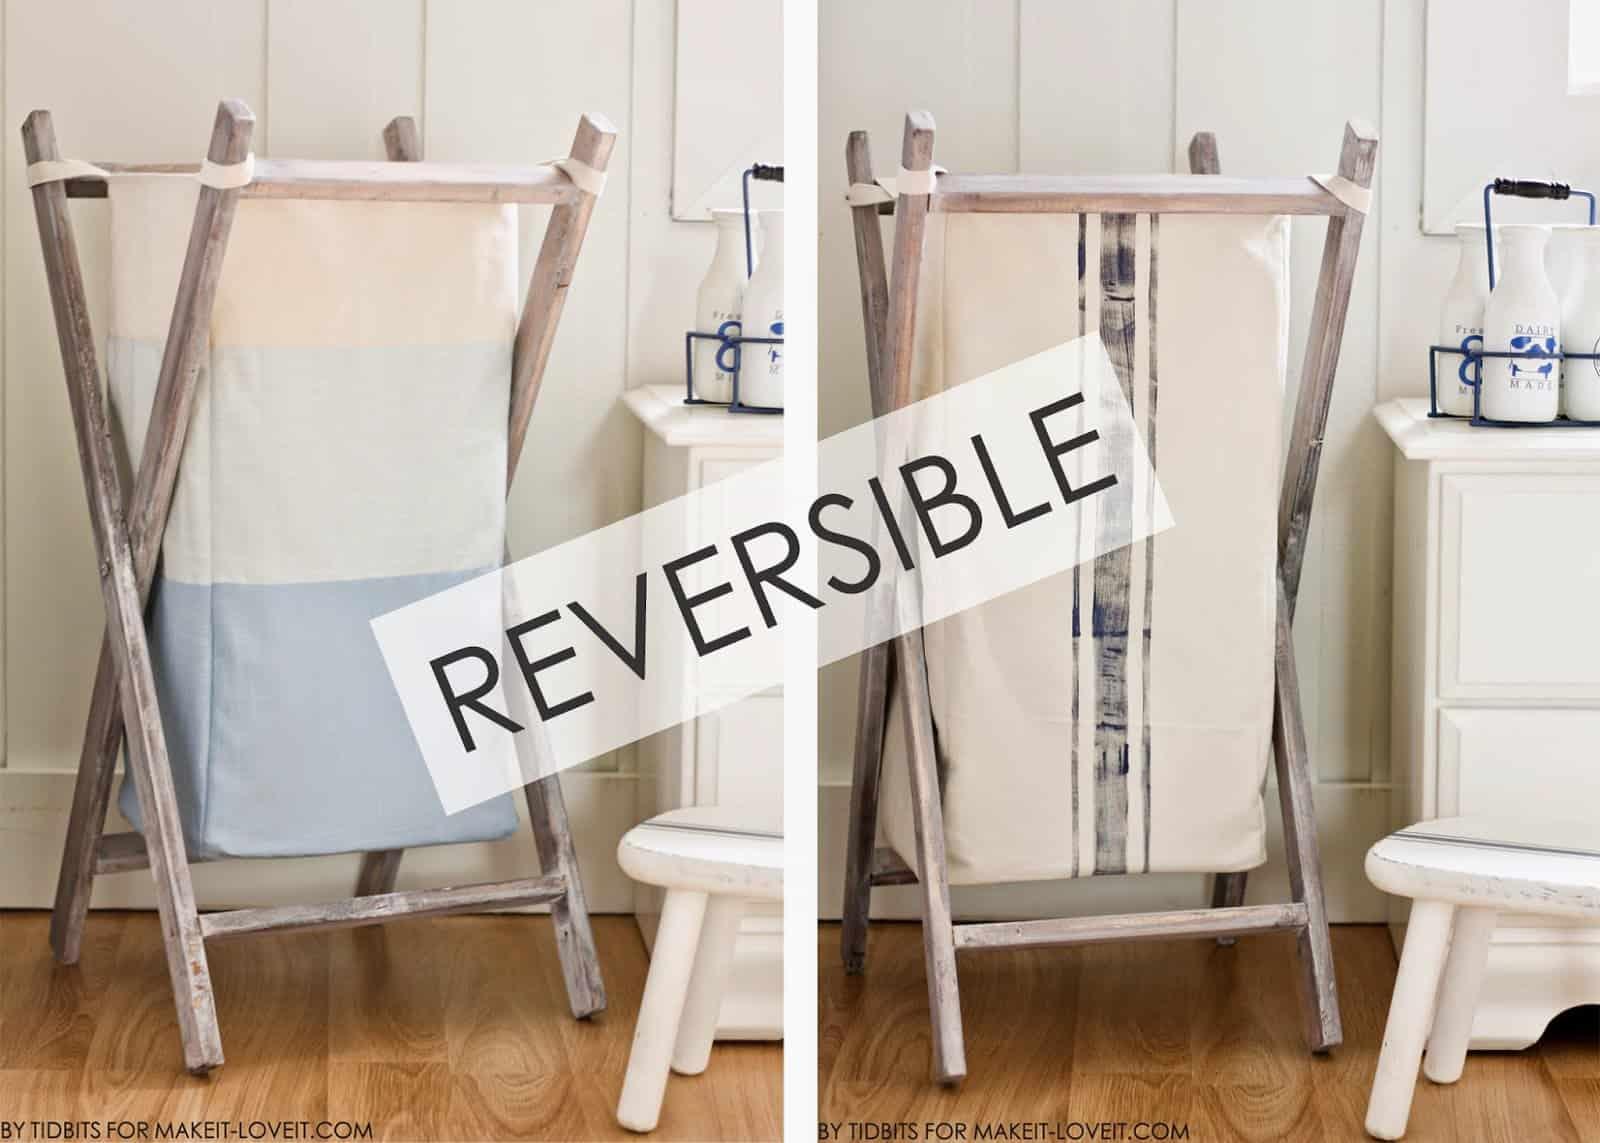 Reversible laundry basket